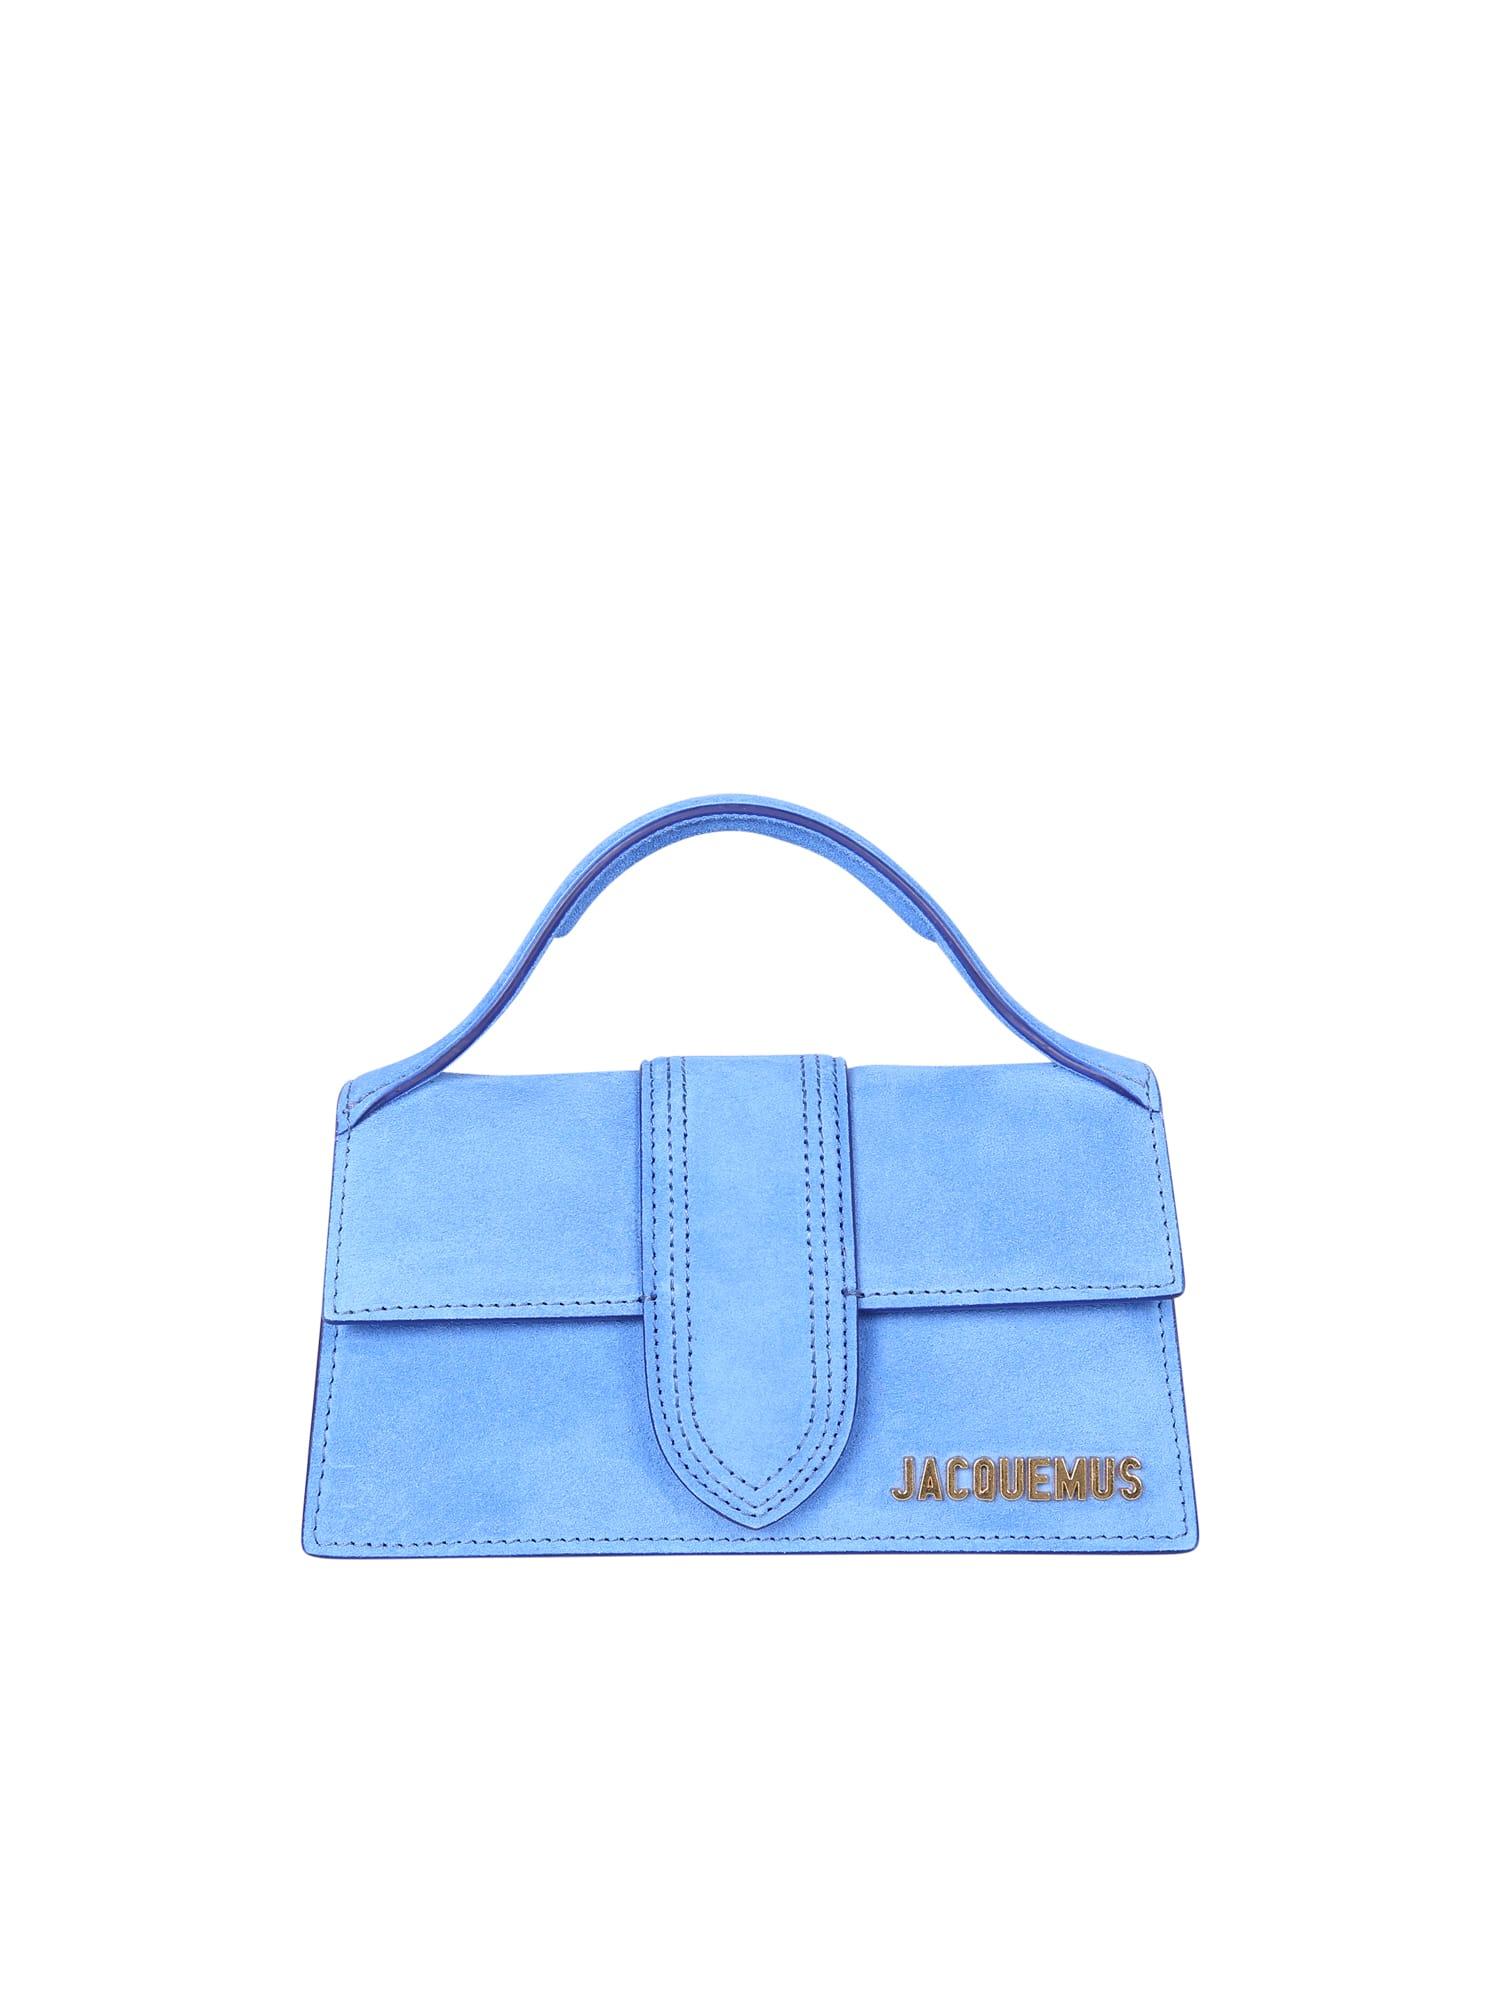 Jacquemus Bags LE BAMBINO BAG